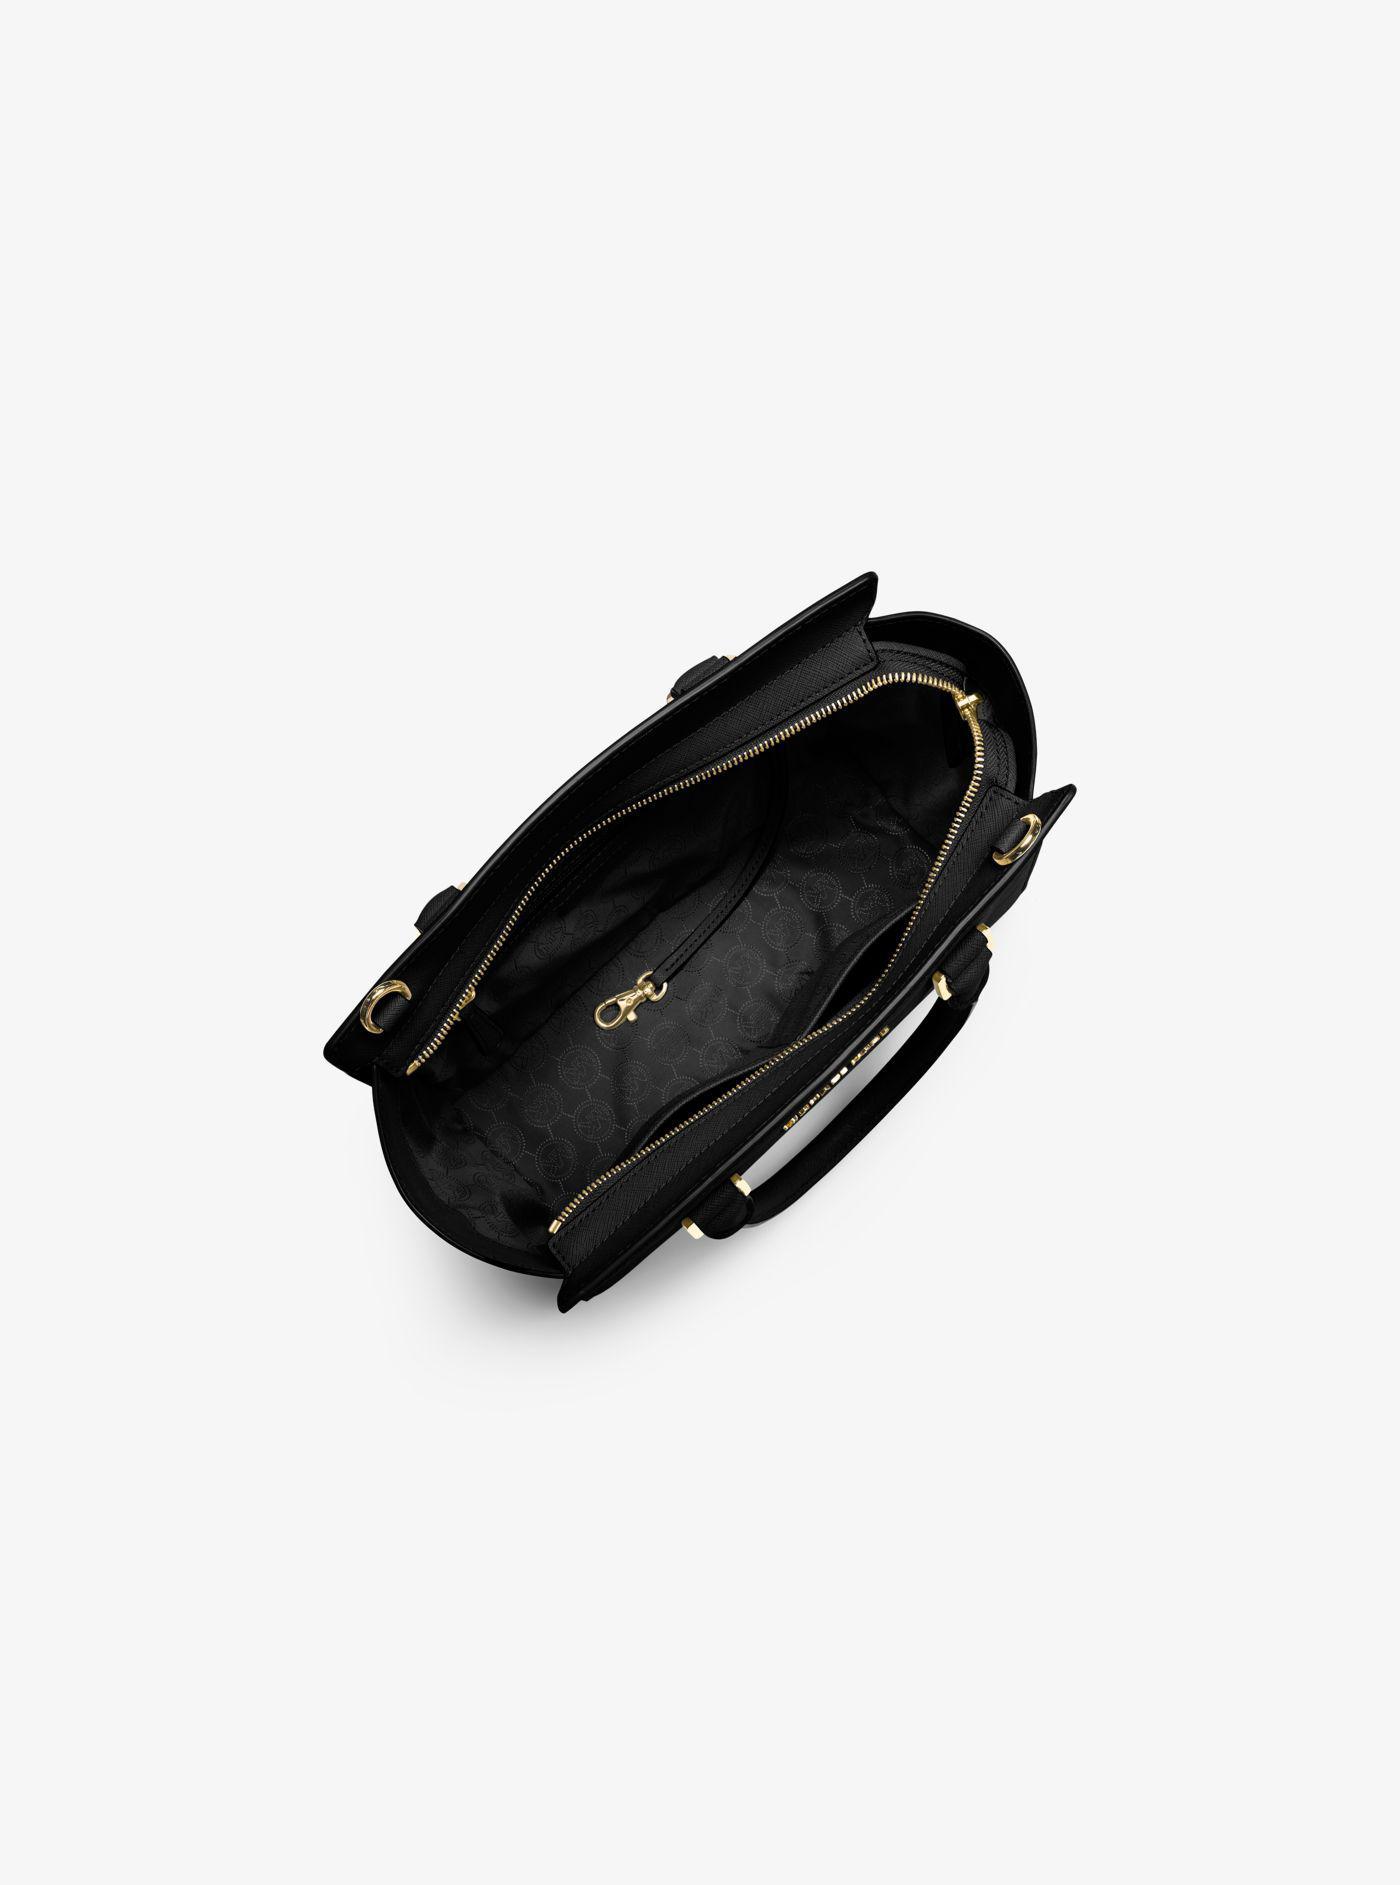 1bd00b6f6fc3 Michael Kors - Black Selma Saffiano Leather Medium Satchel - Lyst. View  fullscreen